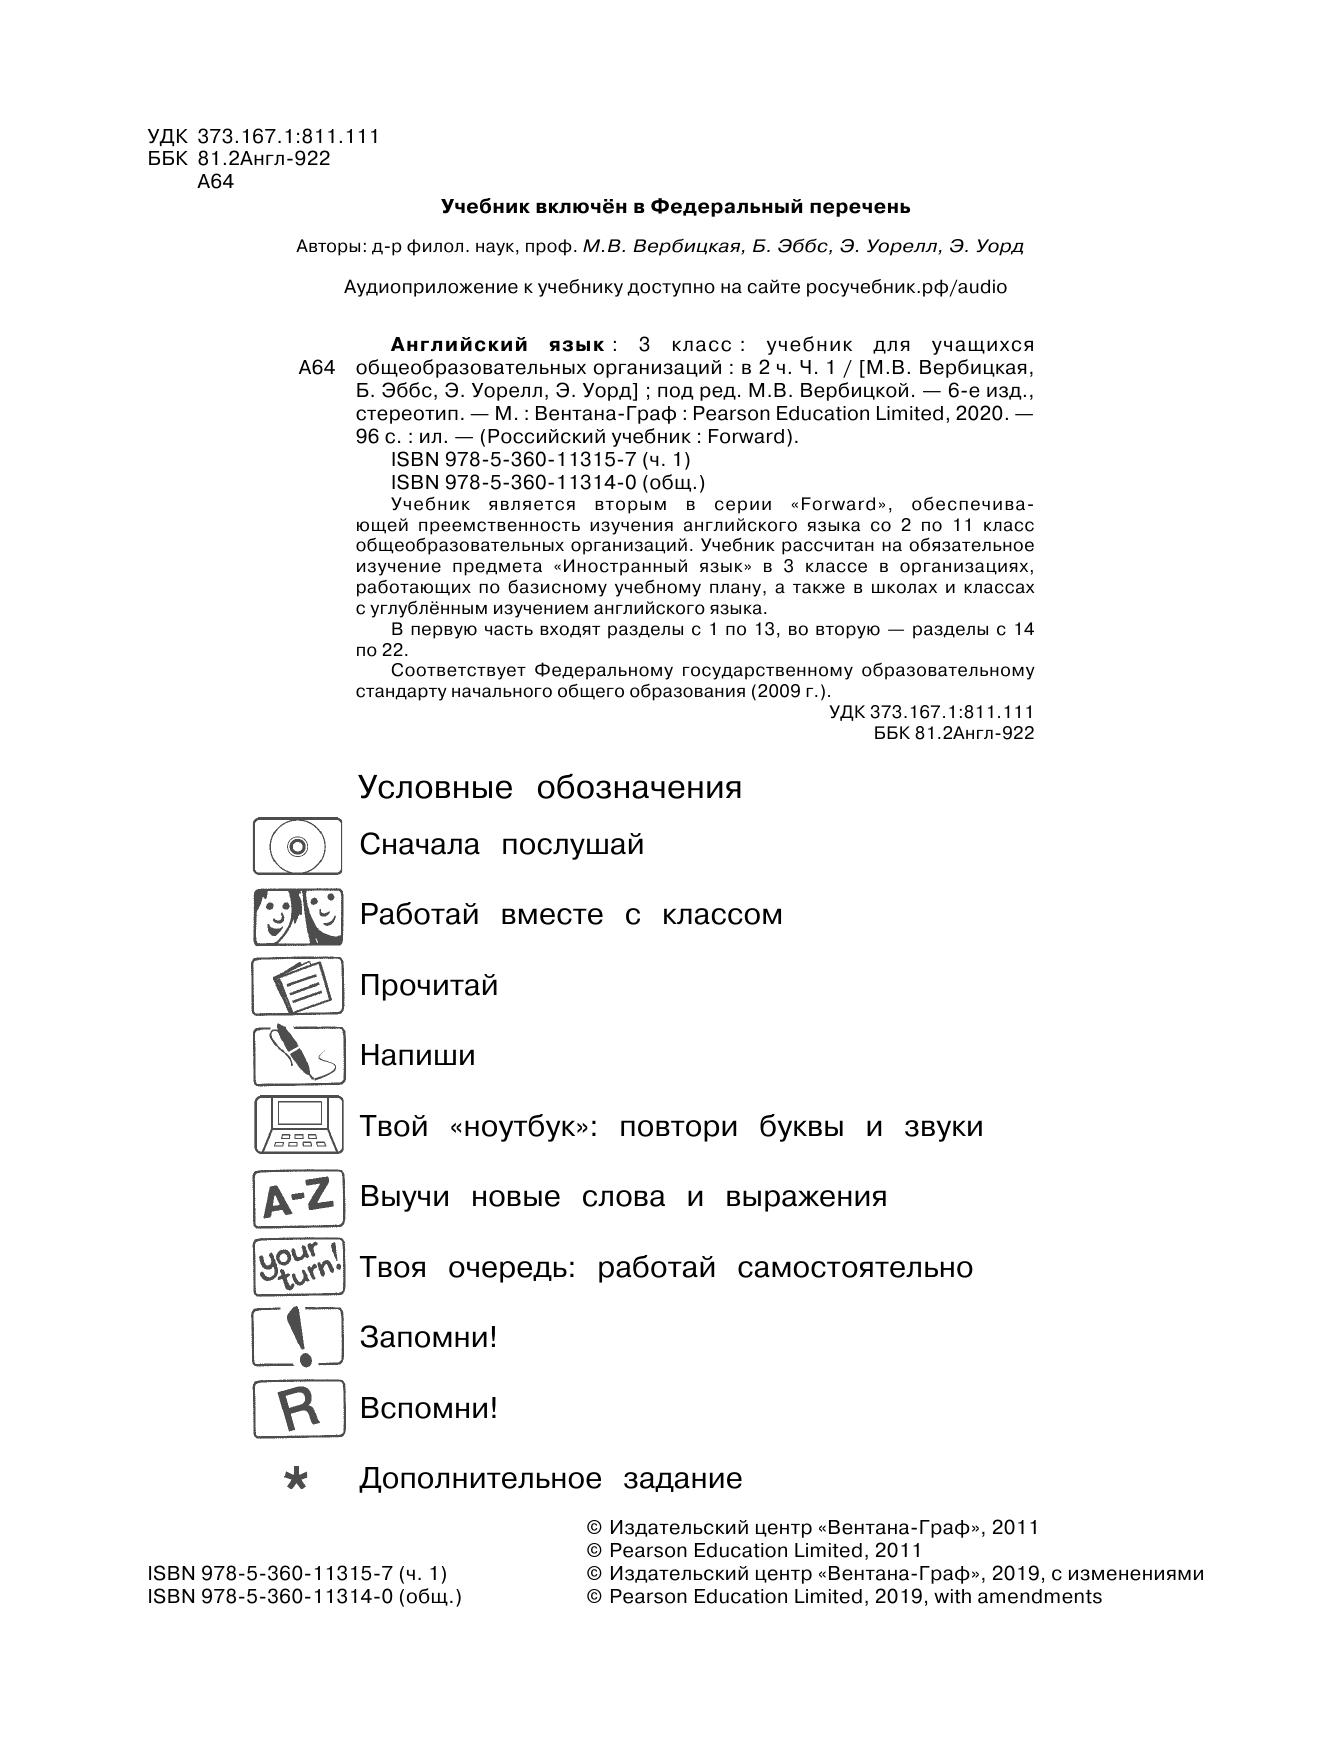 английский язык 3 класс учебник вербицкая